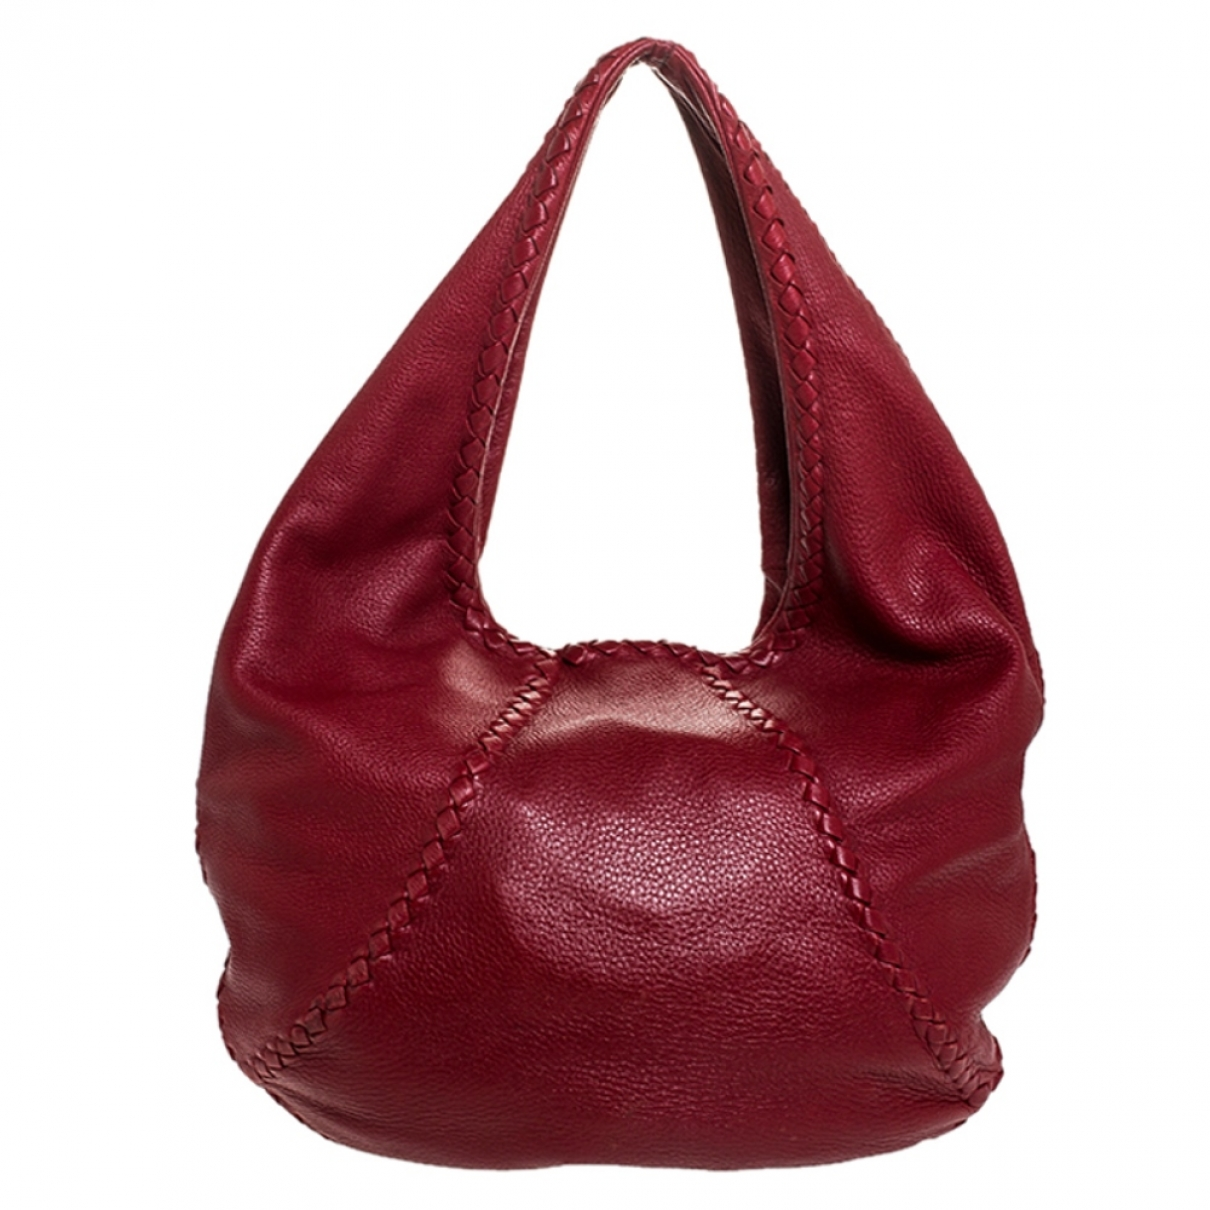 Bottega Veneta Veneta Red Leather handbag for Women \N